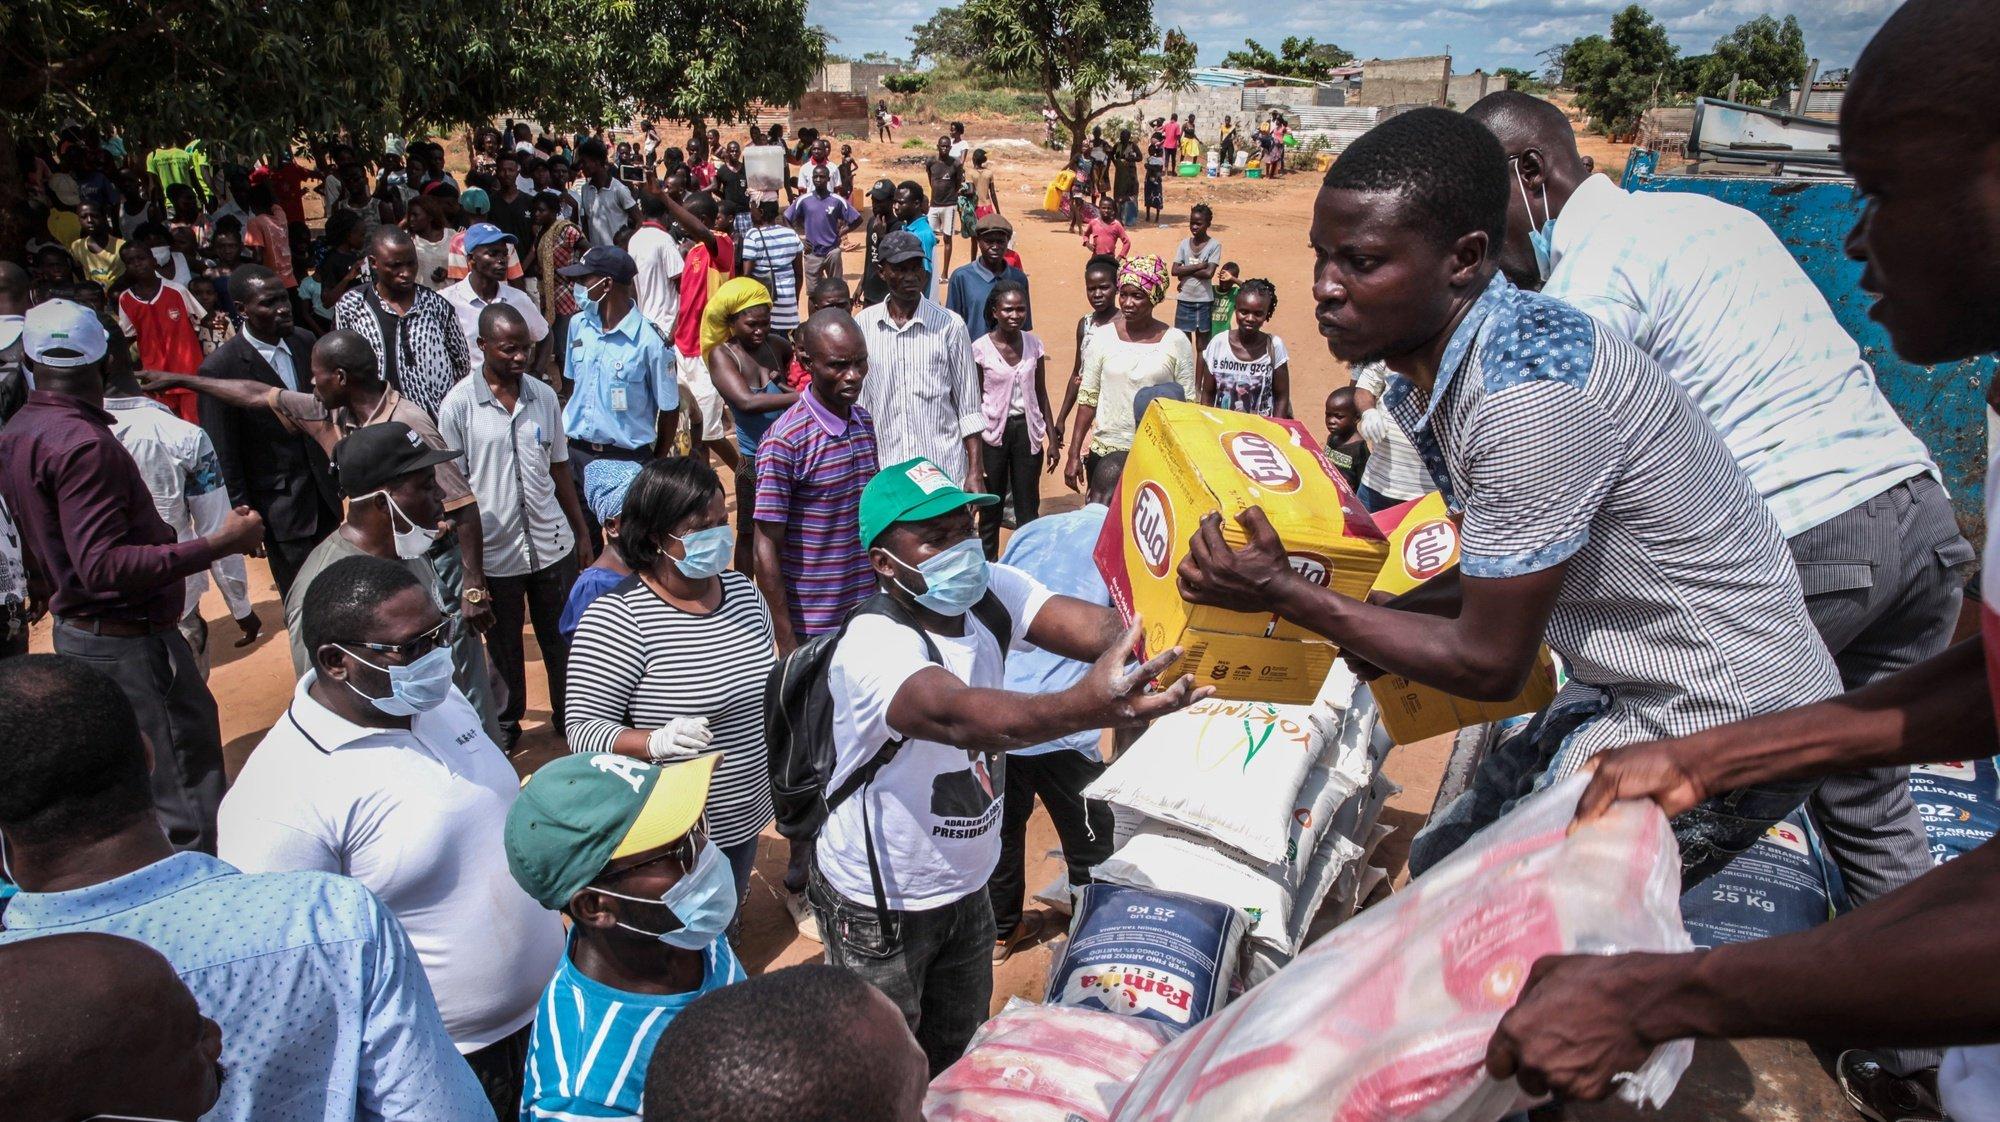 """Ação da UNITA de doação de bens alimentares a famílias carentes em Cacuaco (Luanda), Angola, 6 de abril de 2020. A UNITA, maior partido da oposição em Angola, pediu hoje mais apoio e solidariedade para com as comunidades mais vulneráveis durante o estado de emergência devido ao Covid-19 para que o país """"não deixe a sua população morrer à fome"""". AMPE ROGÉRIO/LUSA"""